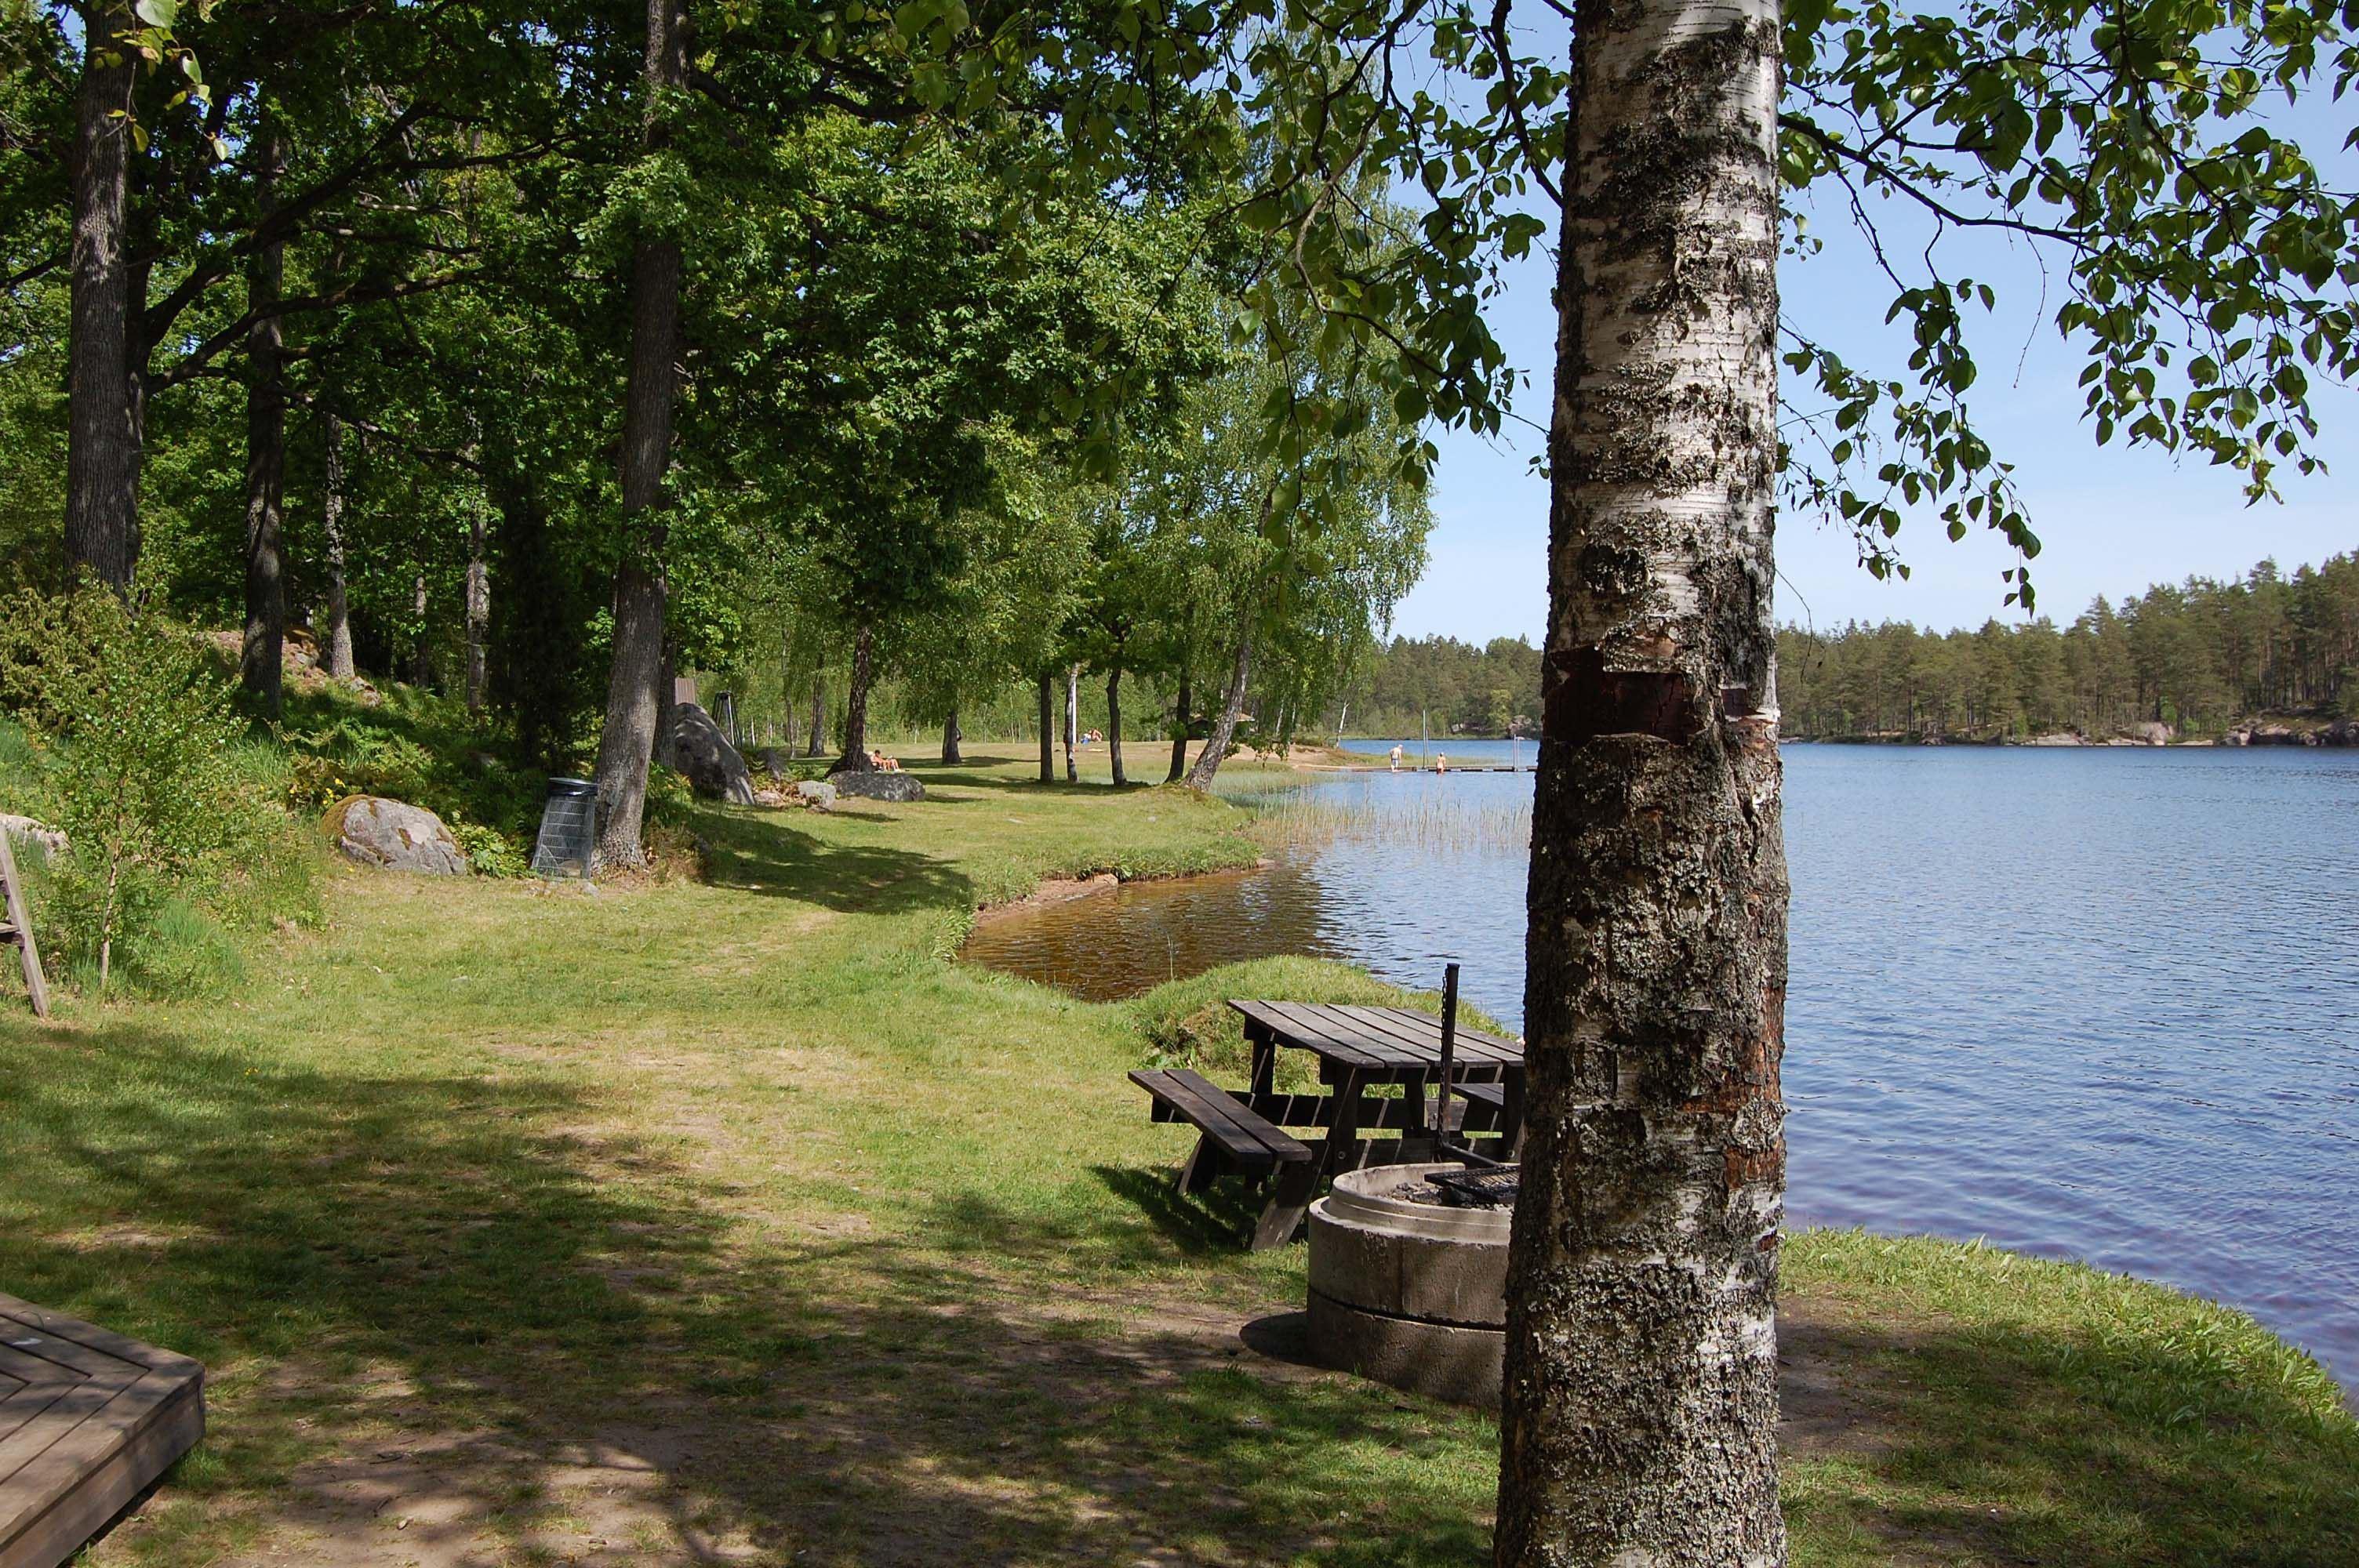 Natur-Camping am Stora Hammarsjön